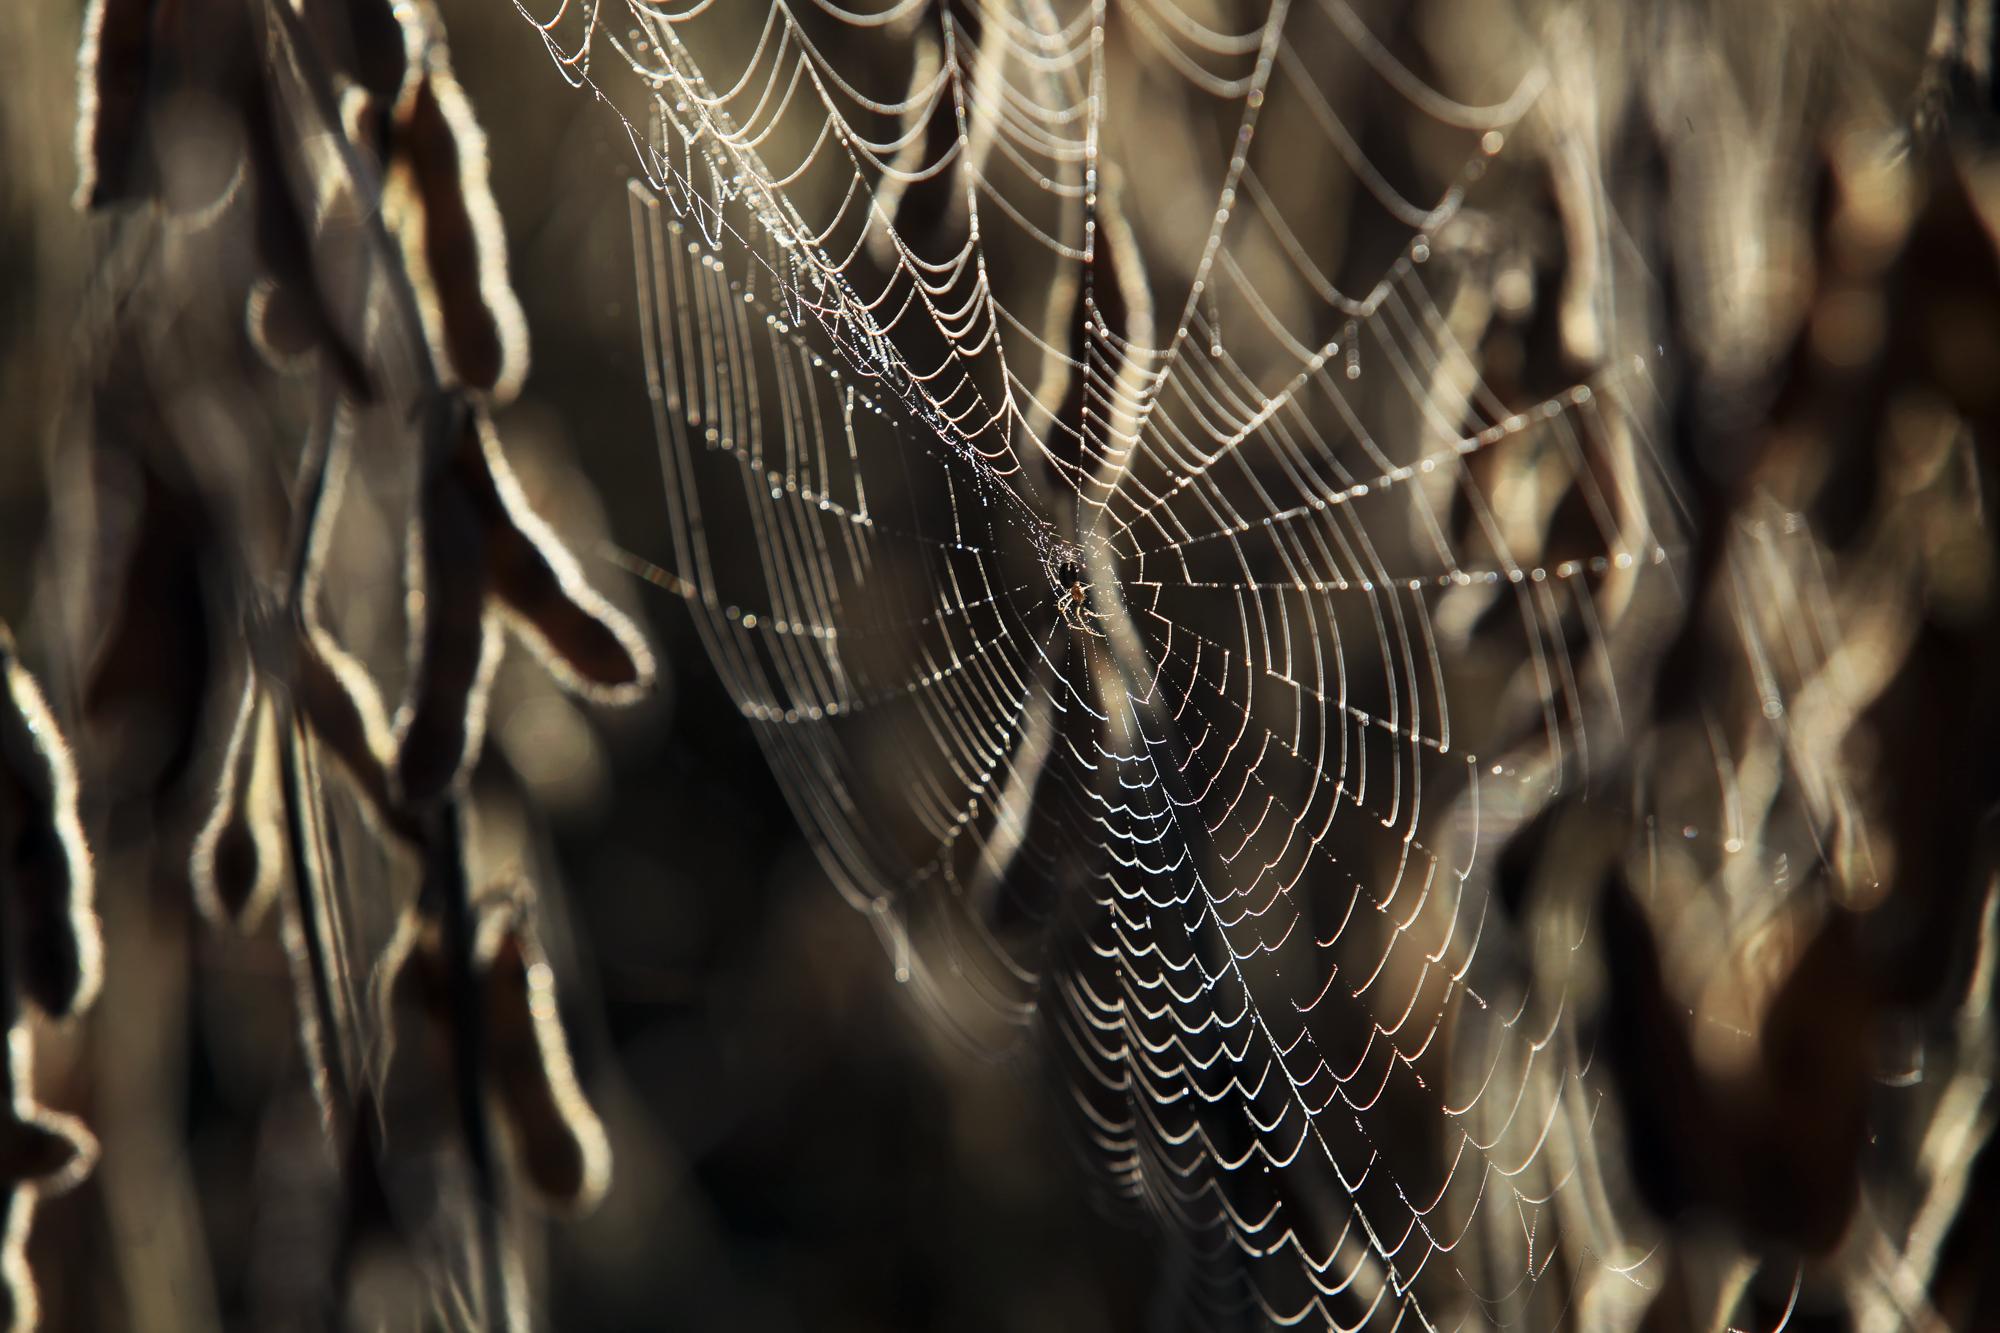 Araña.jpg